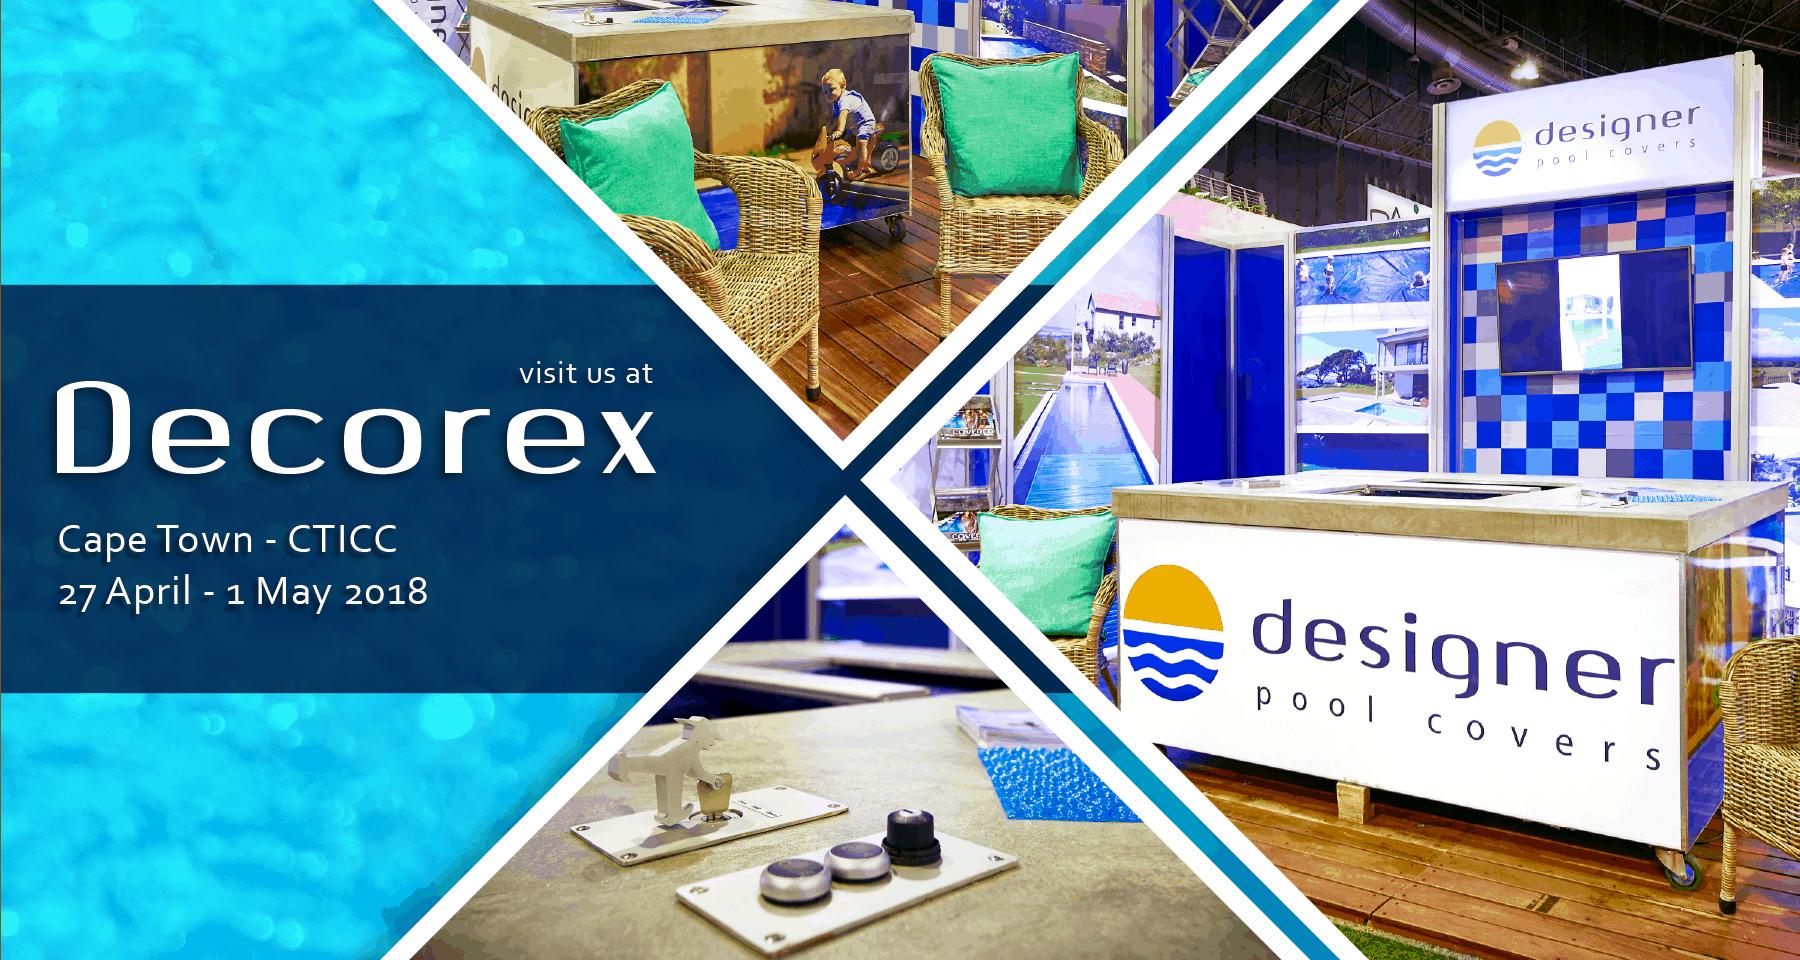 Decorex Cape Town